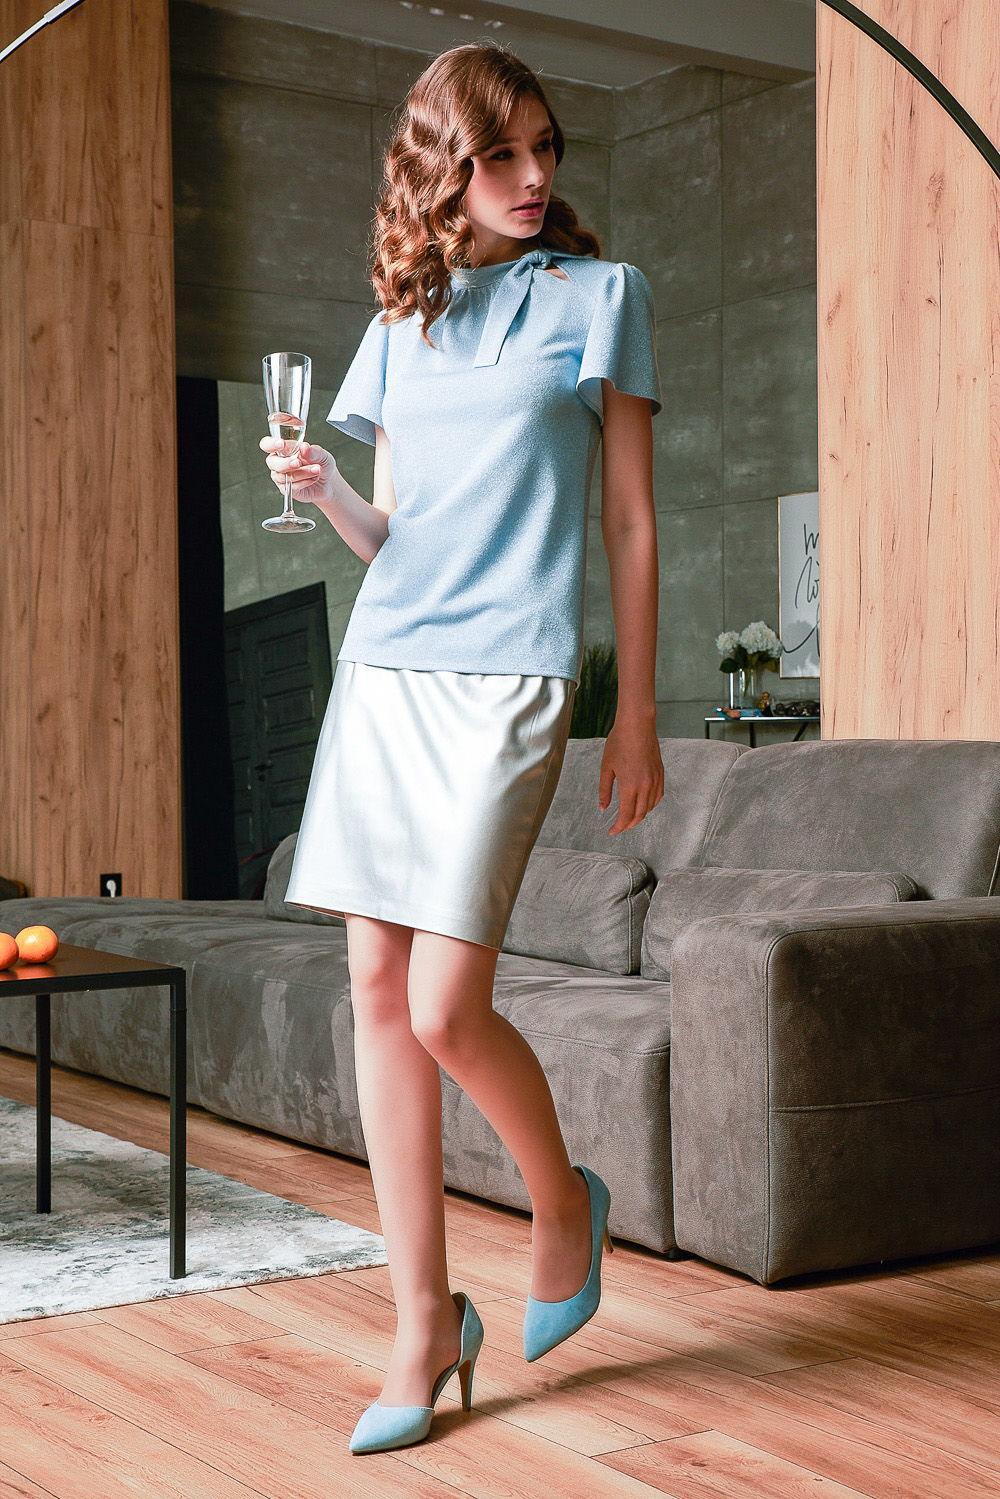 Блуза Г693-233 - Блуза поражает изысканностью и ноткой гламура. Нежный оттенок однотонного небесно-голубого цвета сочетается с легким ненавязчивым блеском.Блуза простого прямого кроя подойдет даже тем, у кого нет четкой линии талии. Притягательную уникальность модели придают втачные короткие рукава в форме колокола. Эффектно оформляет линию шеи изящный стойка-воротник, который сбоку переходит в узел и отрывает взору деликатный вырез.Интересная комбинация материалов ткани вискозы и полиэстера придает блузе надежность, неприхотливость, устойчивость к разрывам, растяжениям и деформации.С помощью этой модели из новой новогодней коллекции вы создадите одновременно простой и утонченный образ.